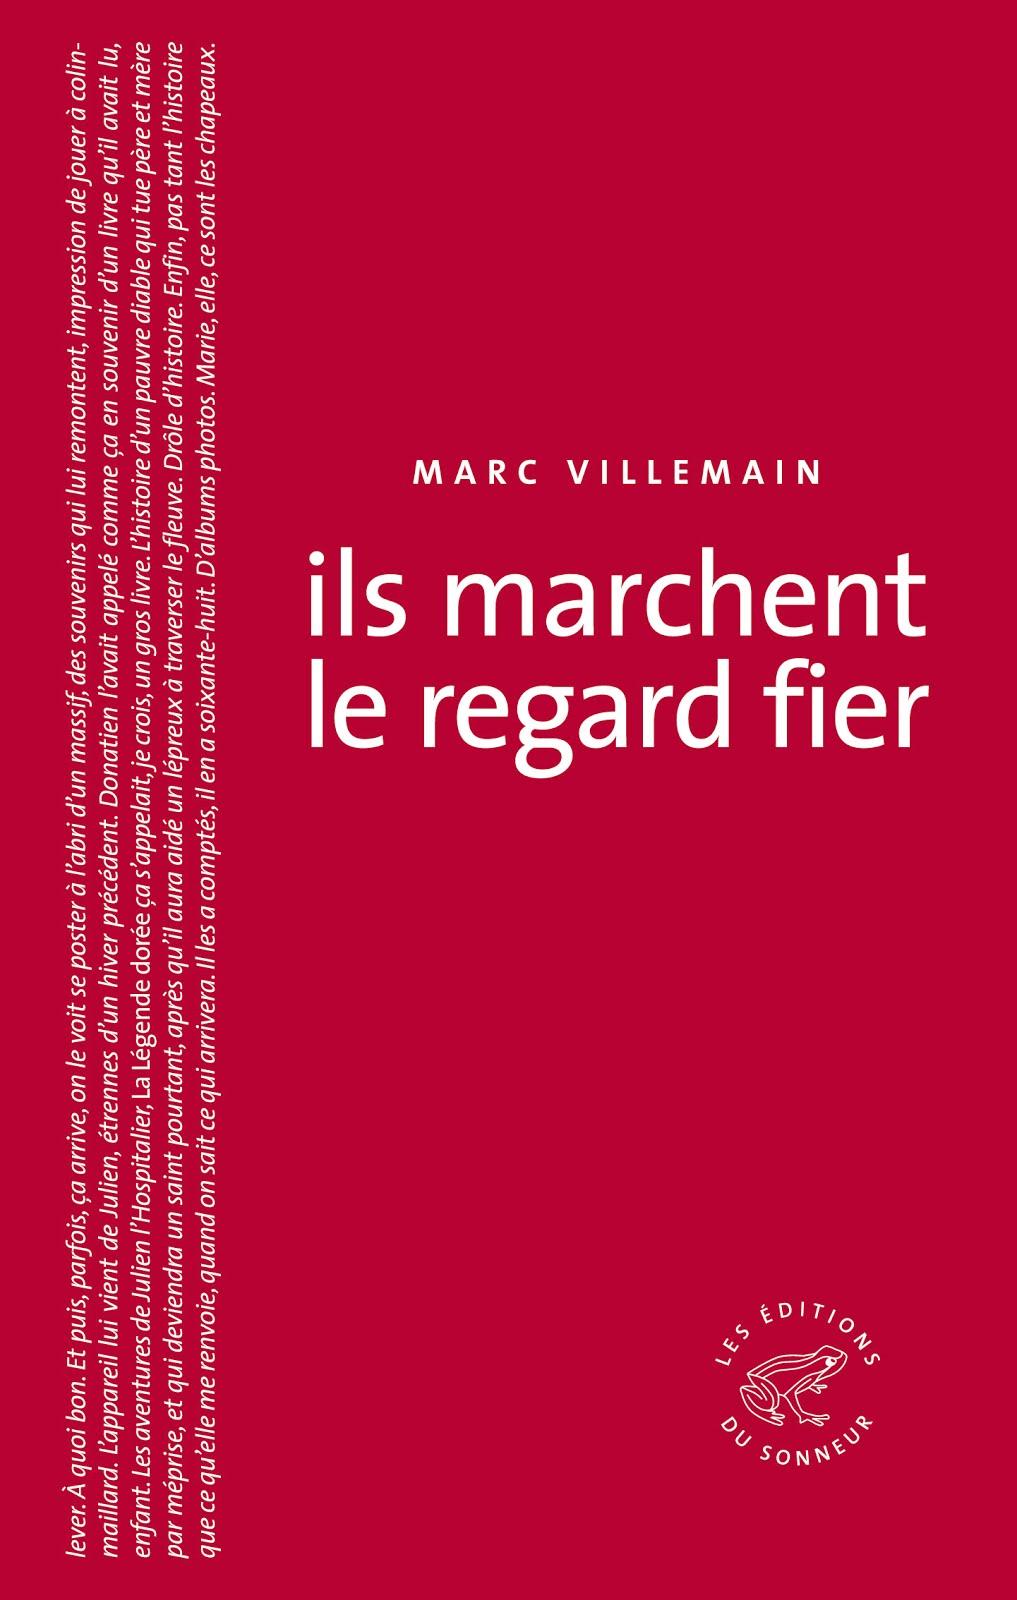 Marc Villemain, Ils marchent le regard fier